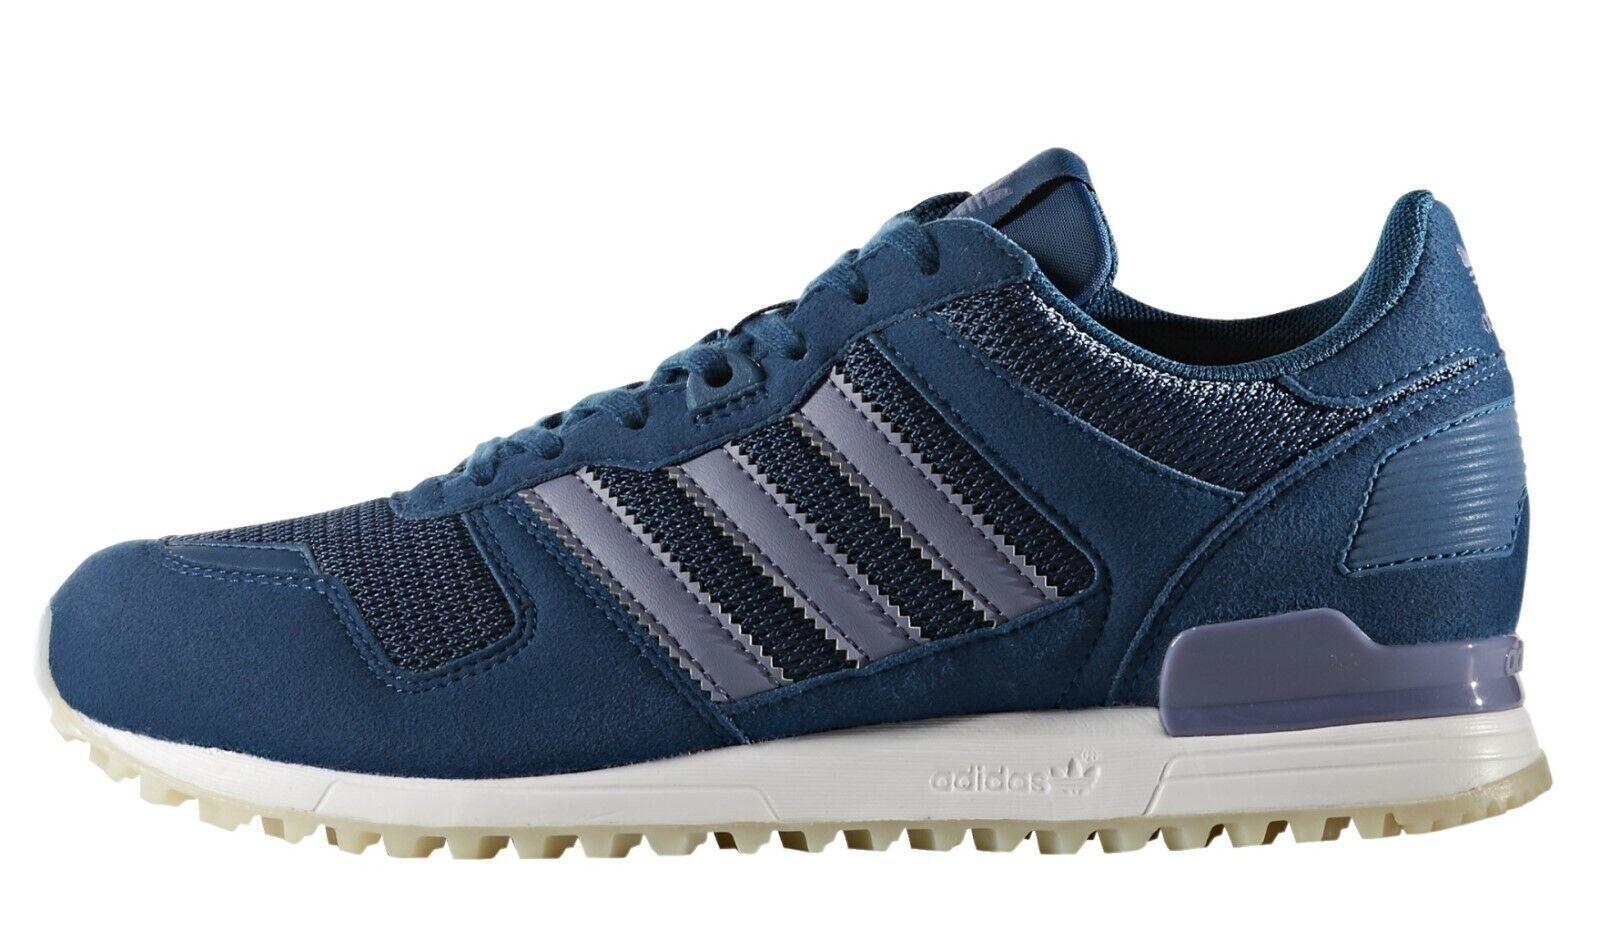 Adidas Damenschuh Turnschuhe ZX 700 Schuh Schuh Schuh BY9388